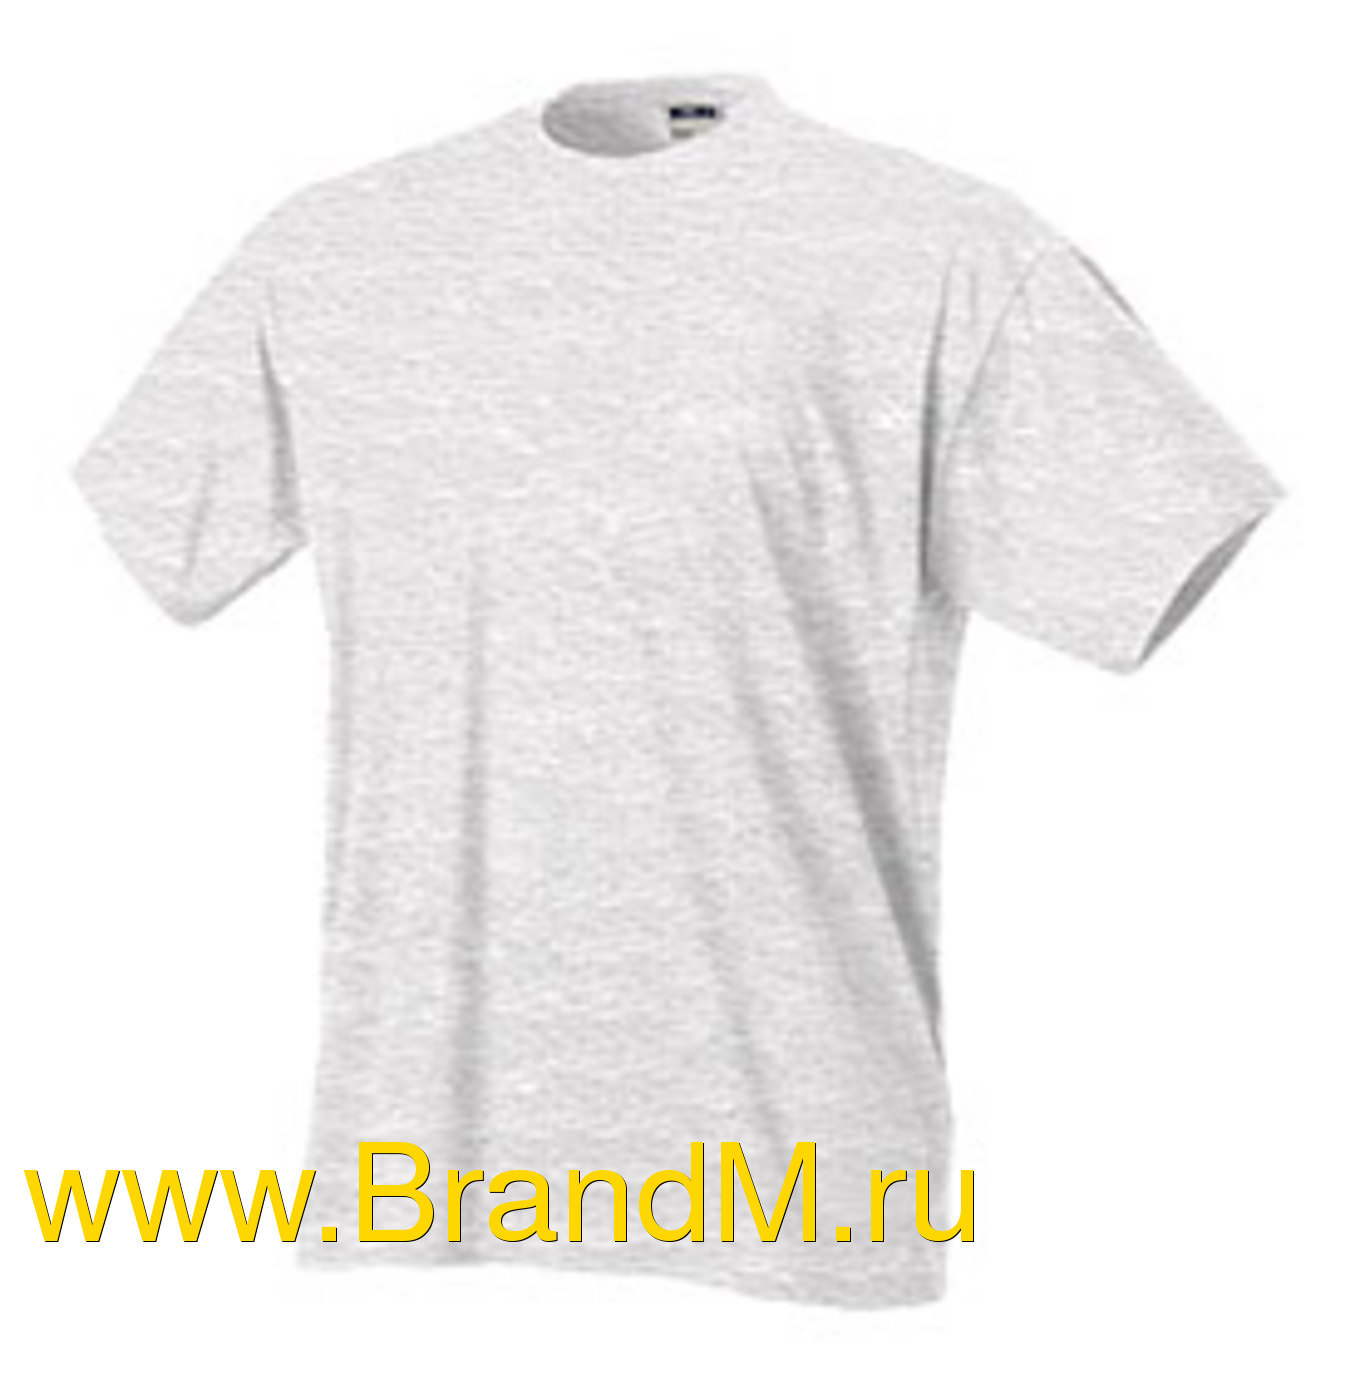 Интернет магазин футболок в Чите